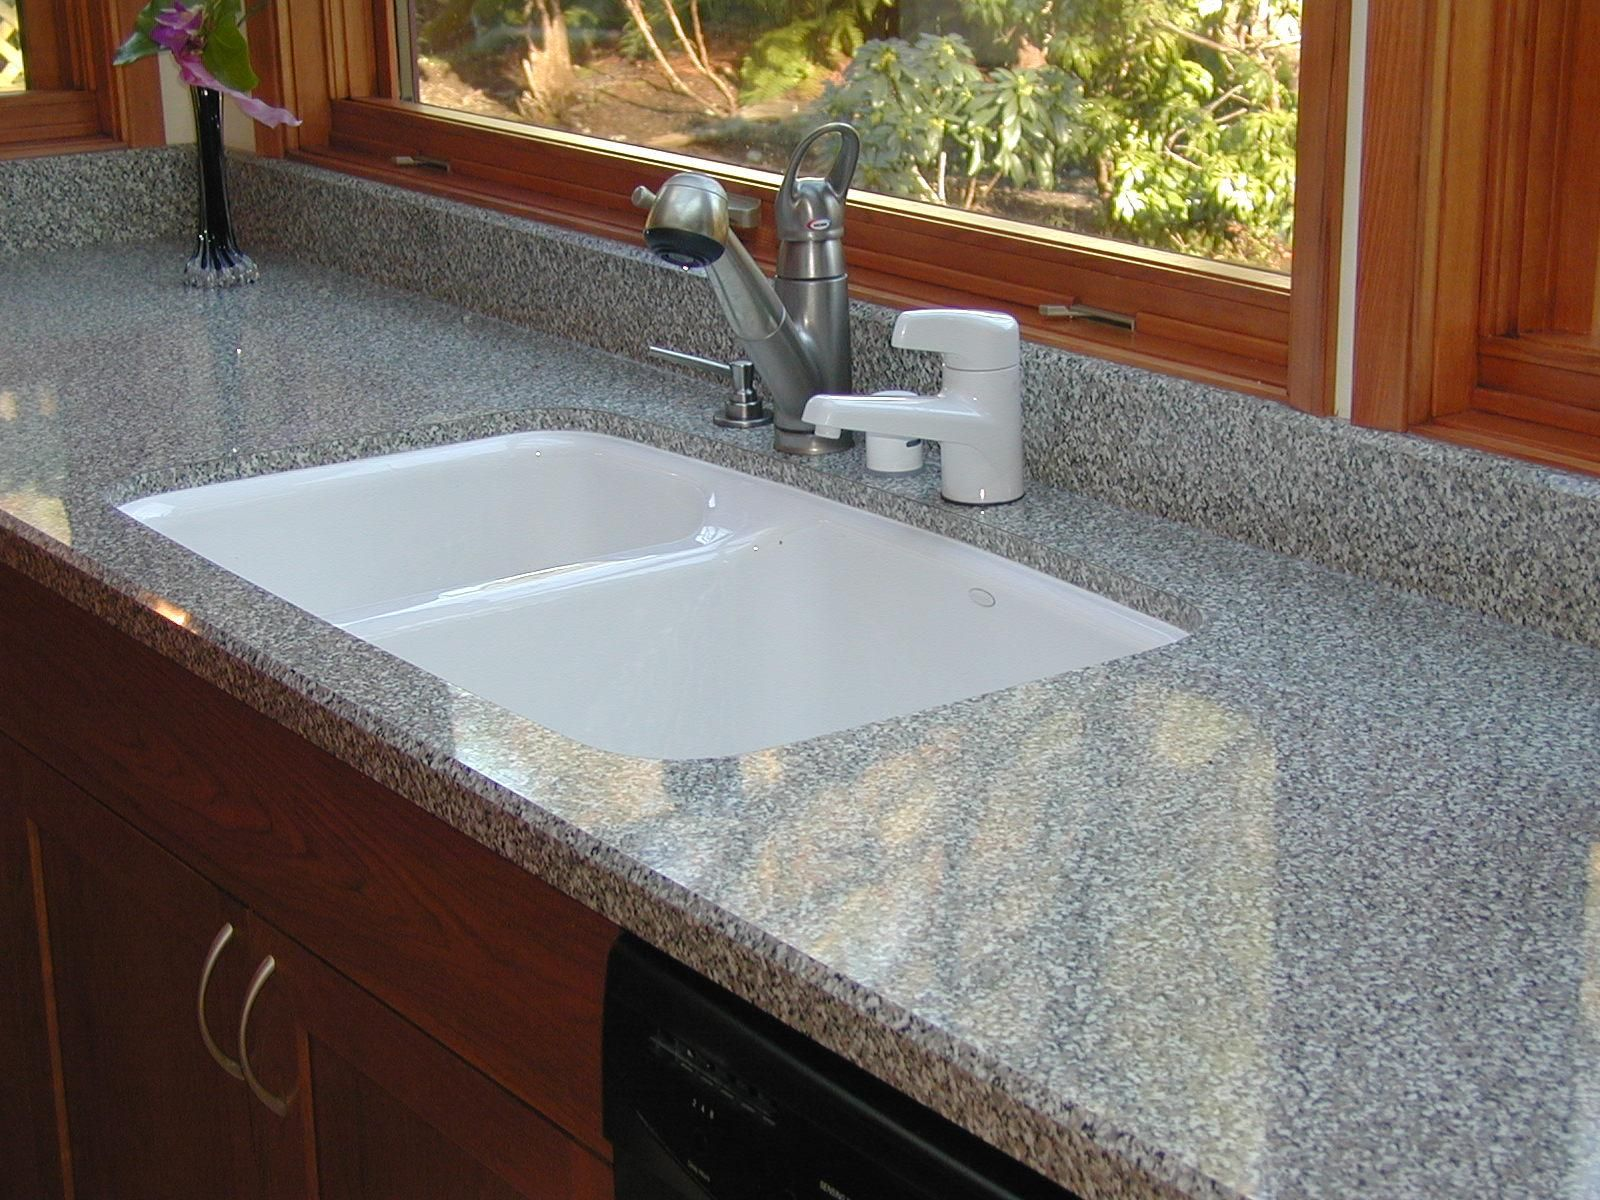 The Undermount Kitchen Sinks | Undermount kitchen sinks, Double